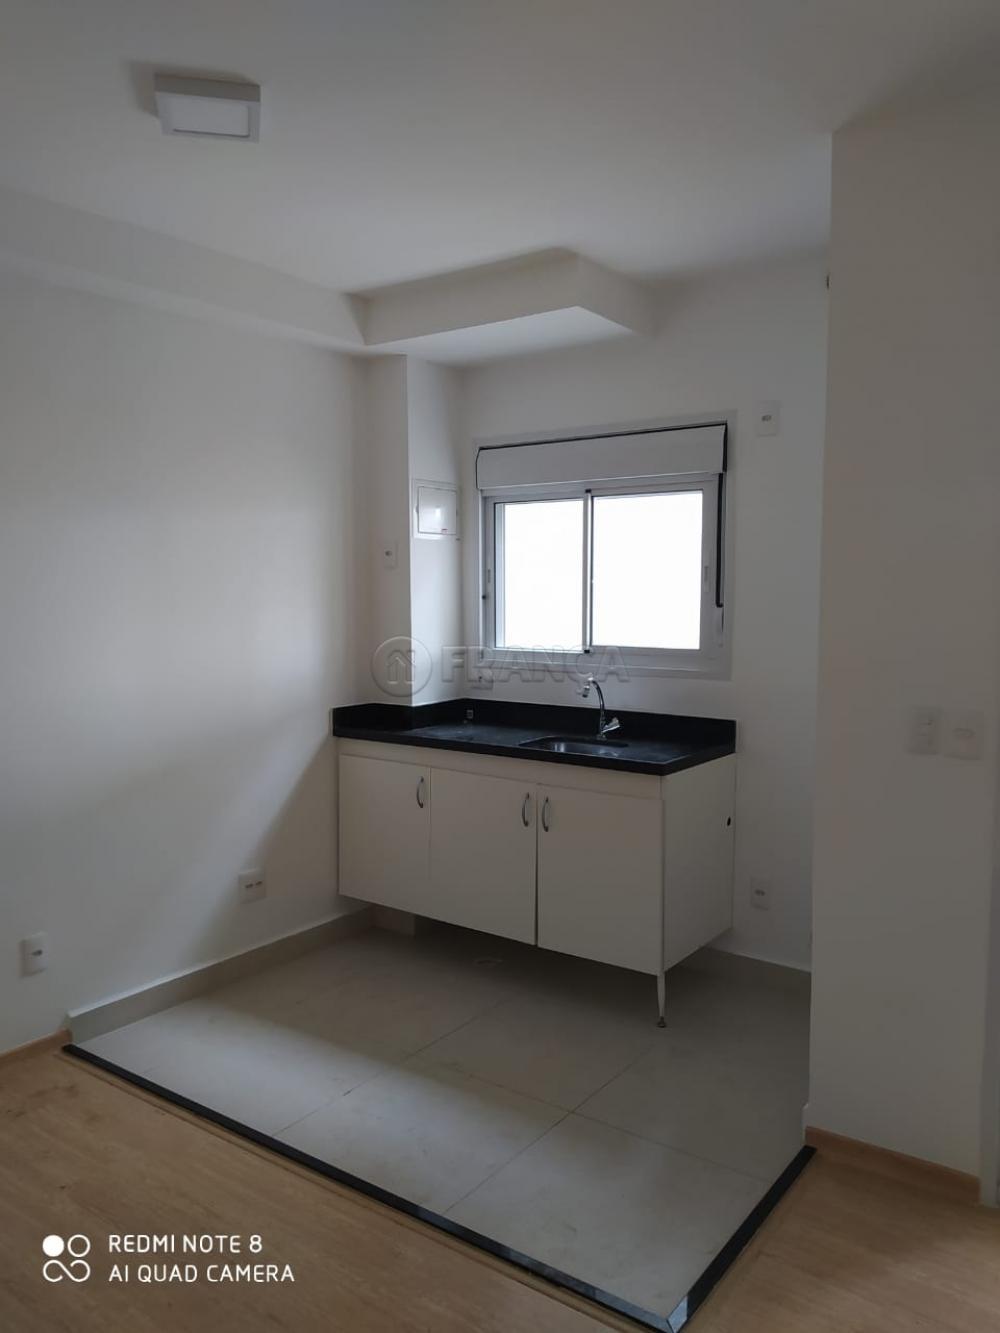 Alugar Apartamento / Flat em São José dos Campos apenas R$ 1.750,00 - Foto 4